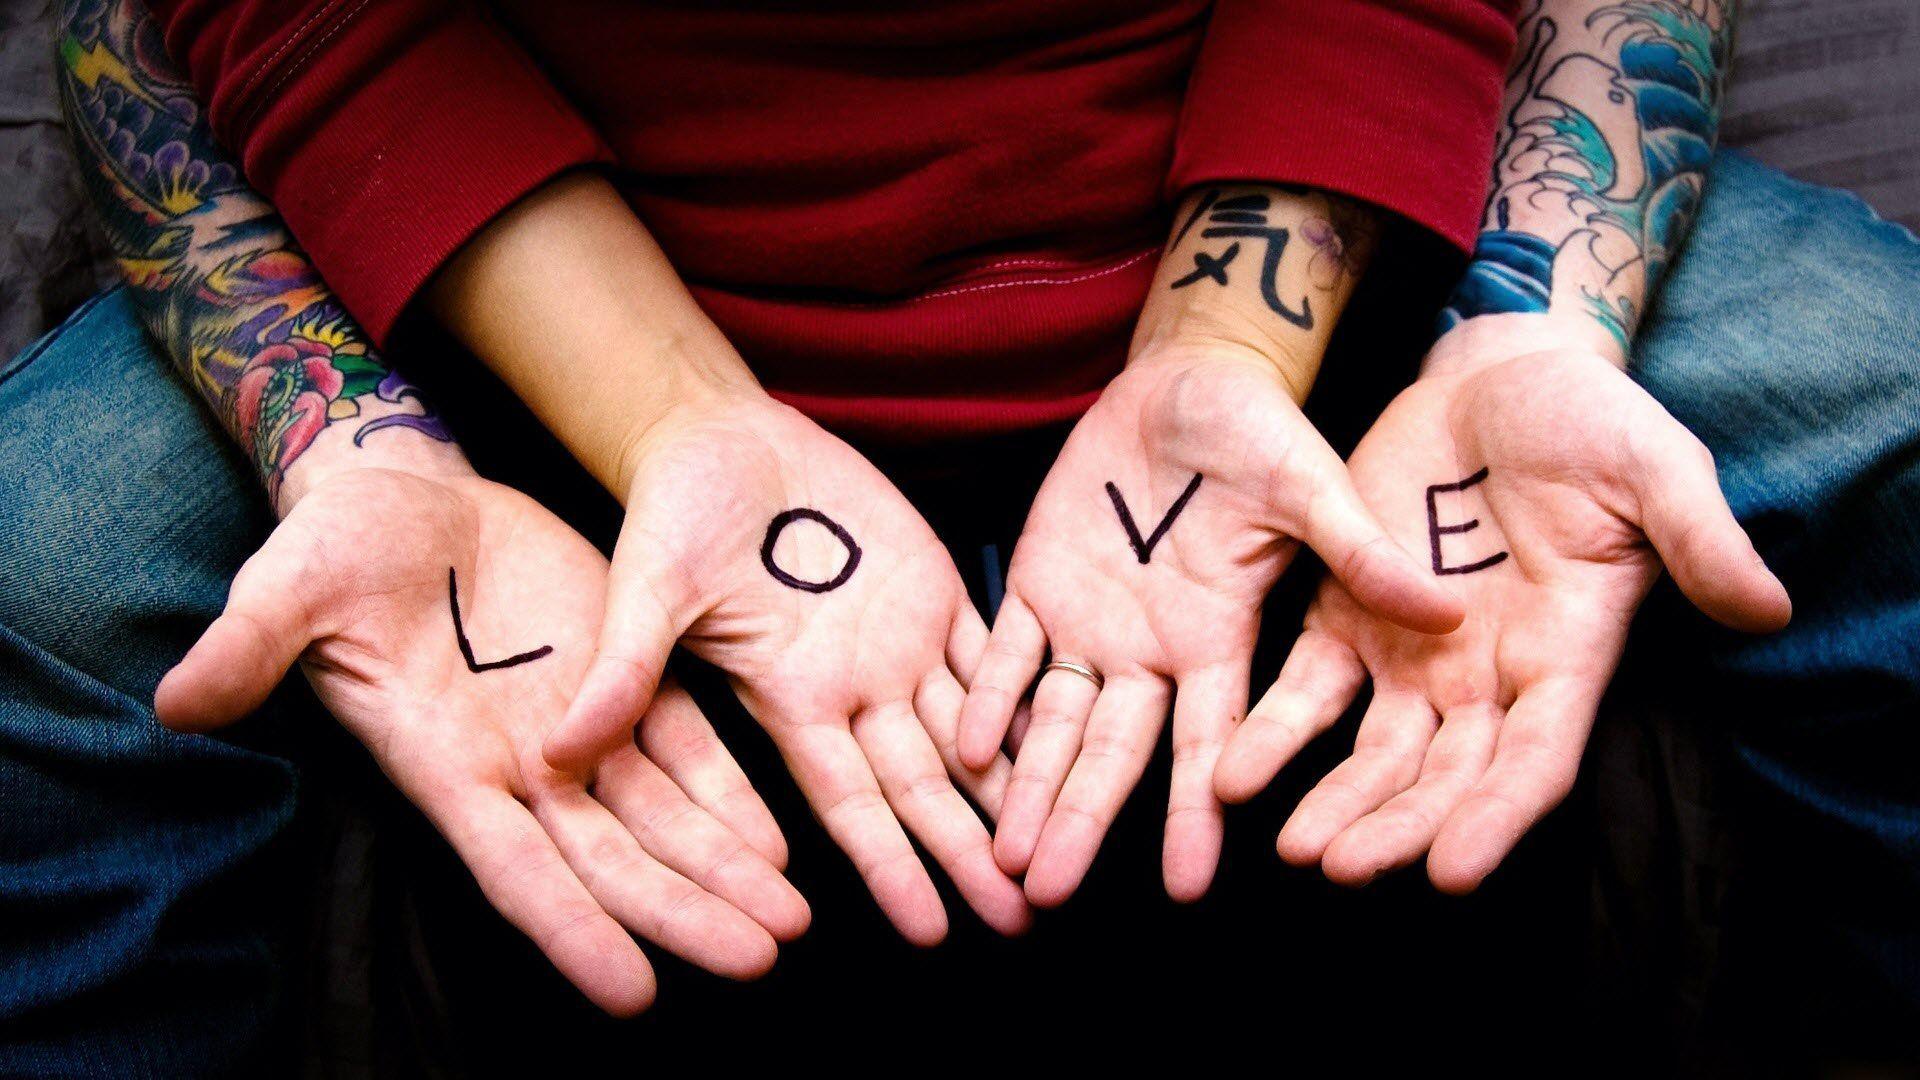 Sondaj | Cât durează iubirea la români: 8,9 ani la femei și 9,5 ani în cazul bărbaților